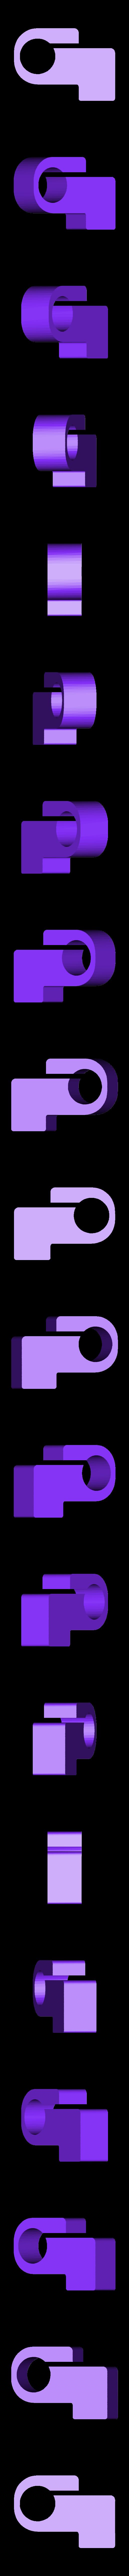 Solo_Rail_Clamp.STL Télécharger fichier STL gratuit Système de rails de 15mm avec pince simple • Design pour imprimante 3D, Werthrante